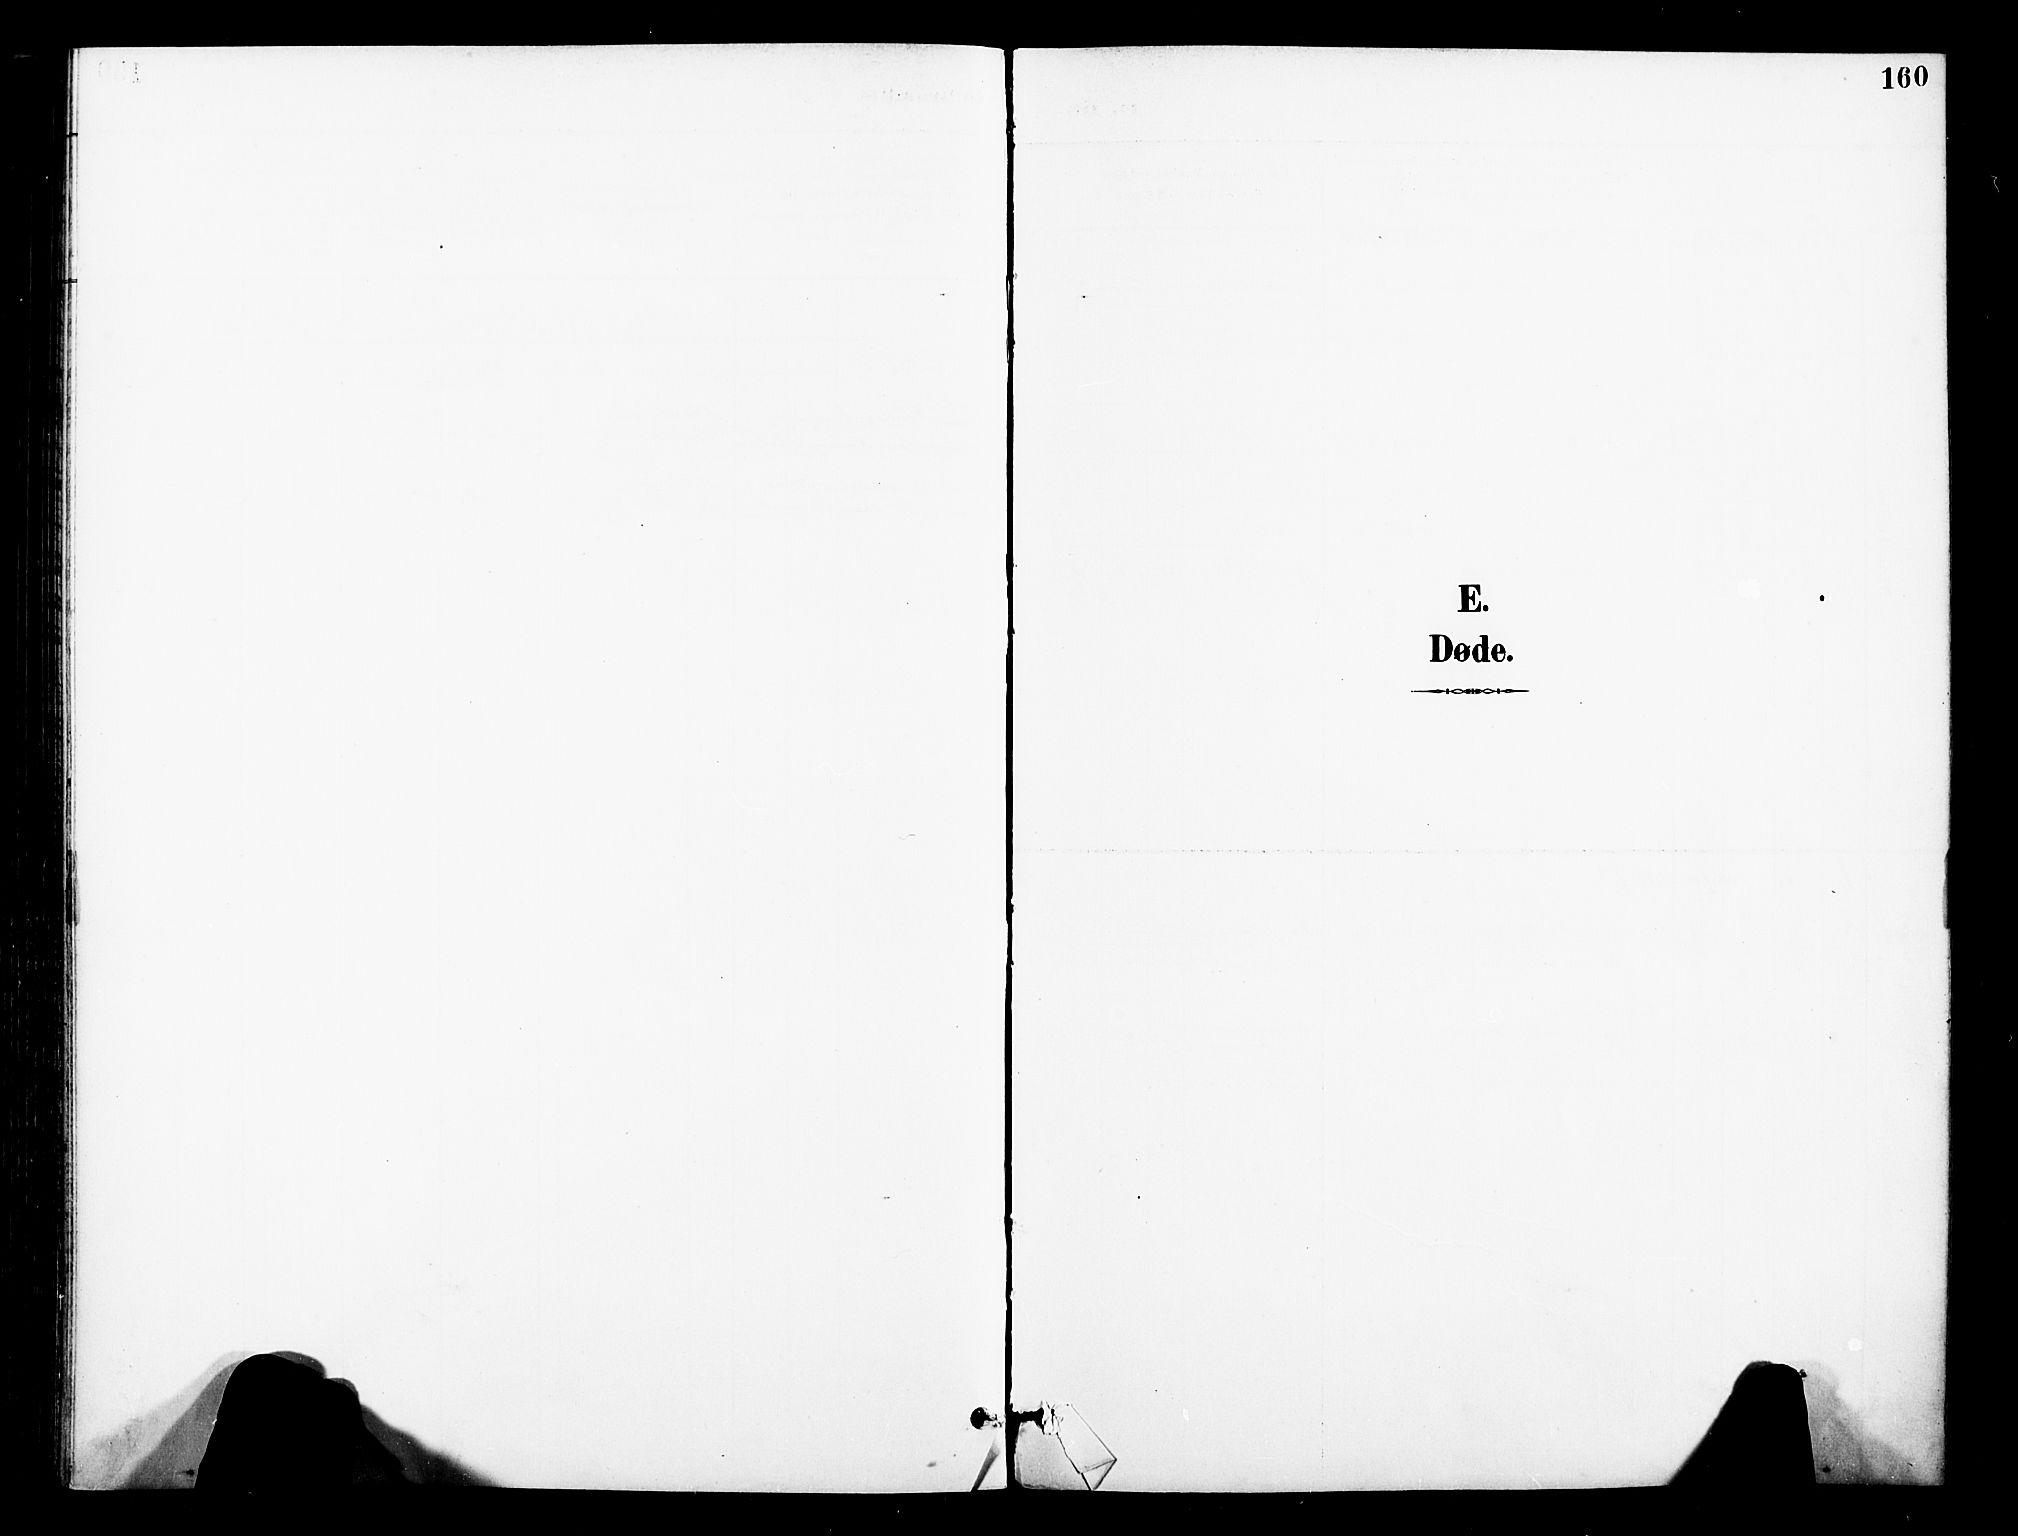 SAT, Ministerialprotokoller, klokkerbøker og fødselsregistre - Nord-Trøndelag, 739/L0372: Ministerialbok nr. 739A04, 1895-1903, s. 160